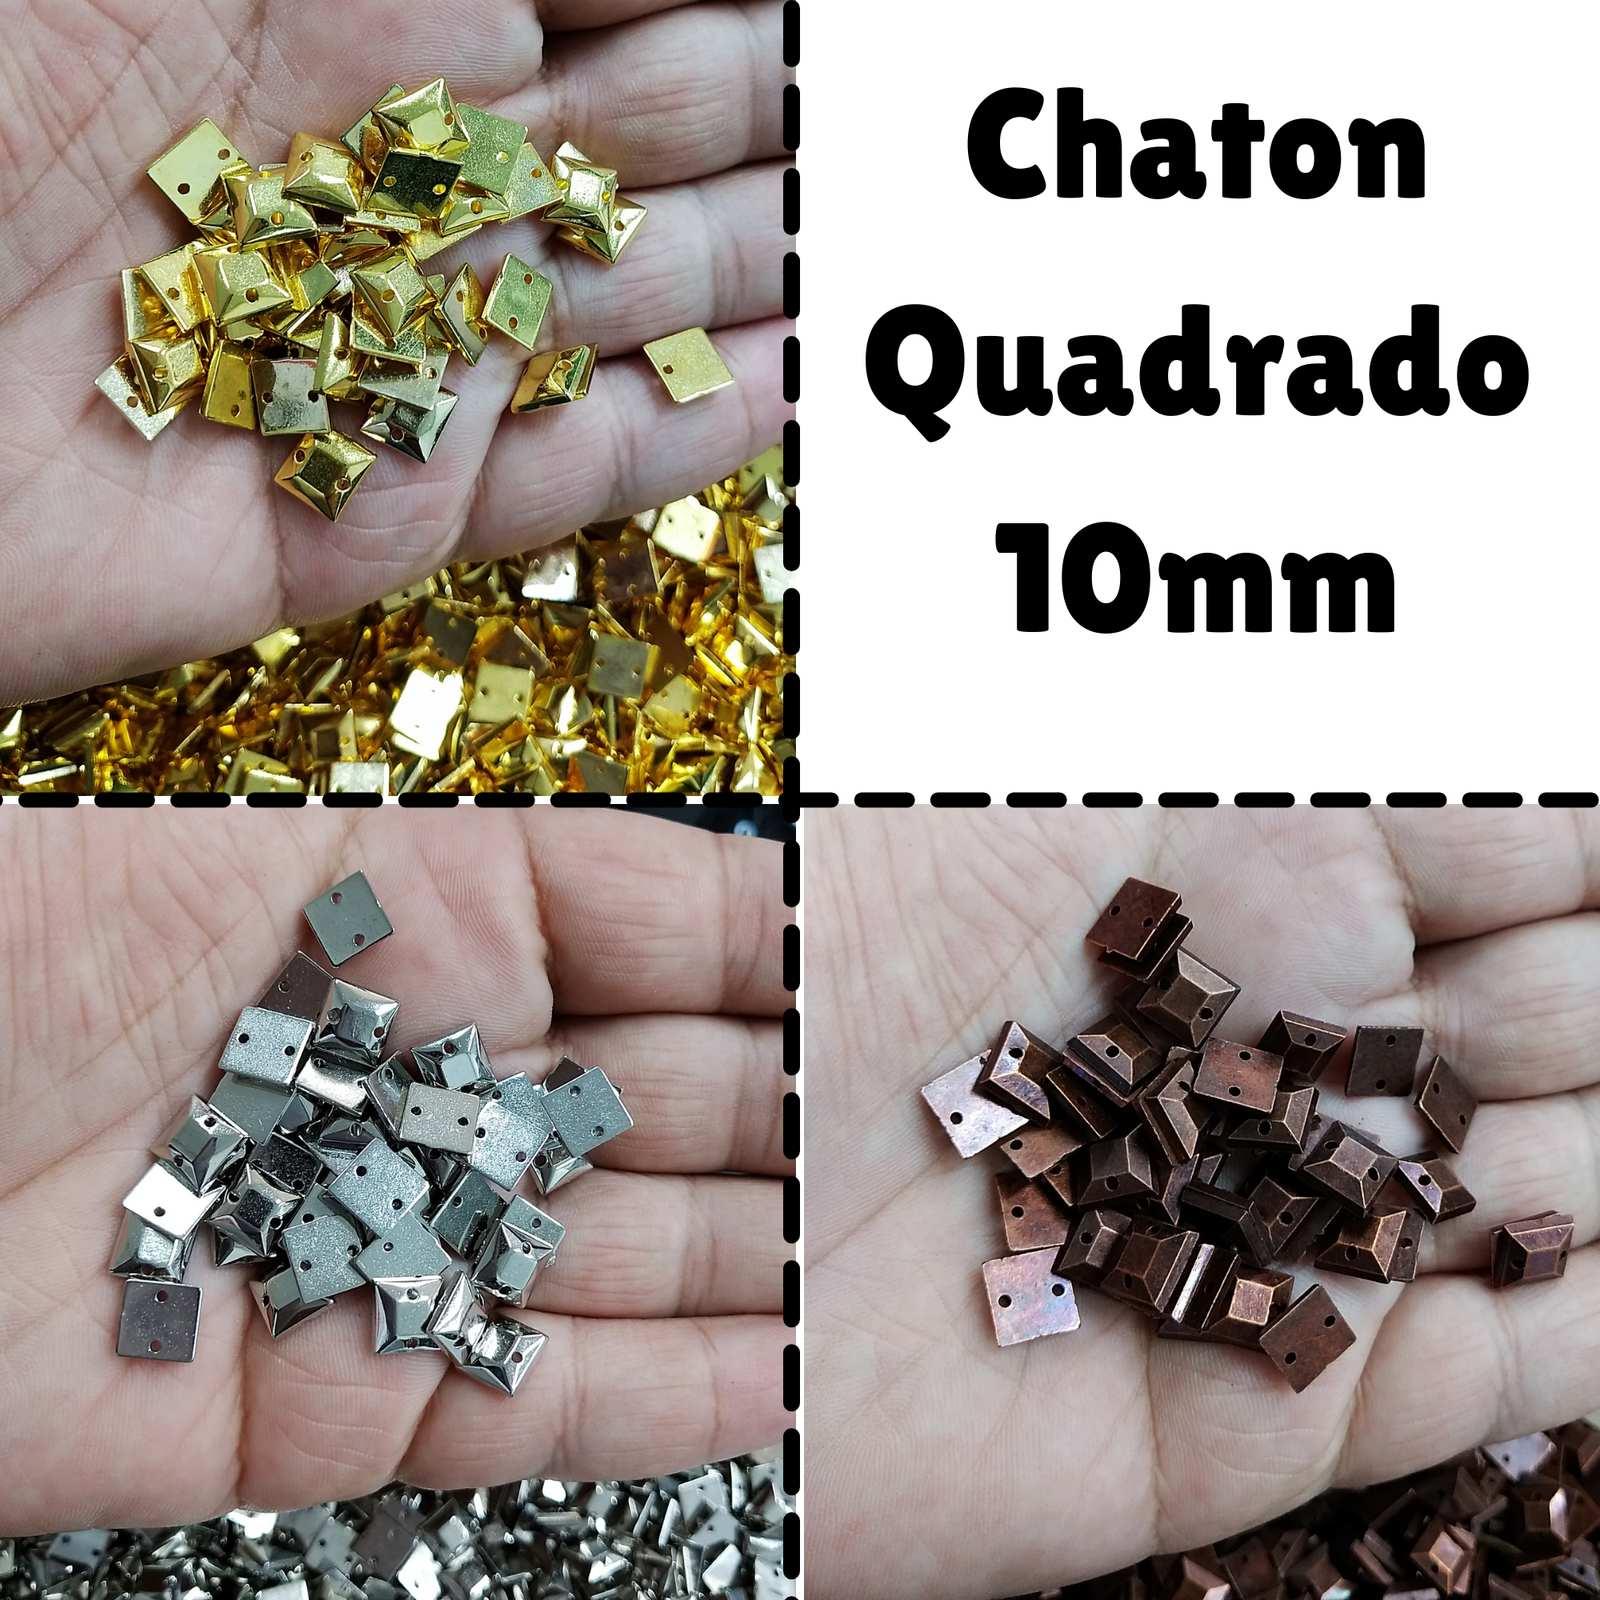 Chaton ABS Quadrado 10mm c/250g